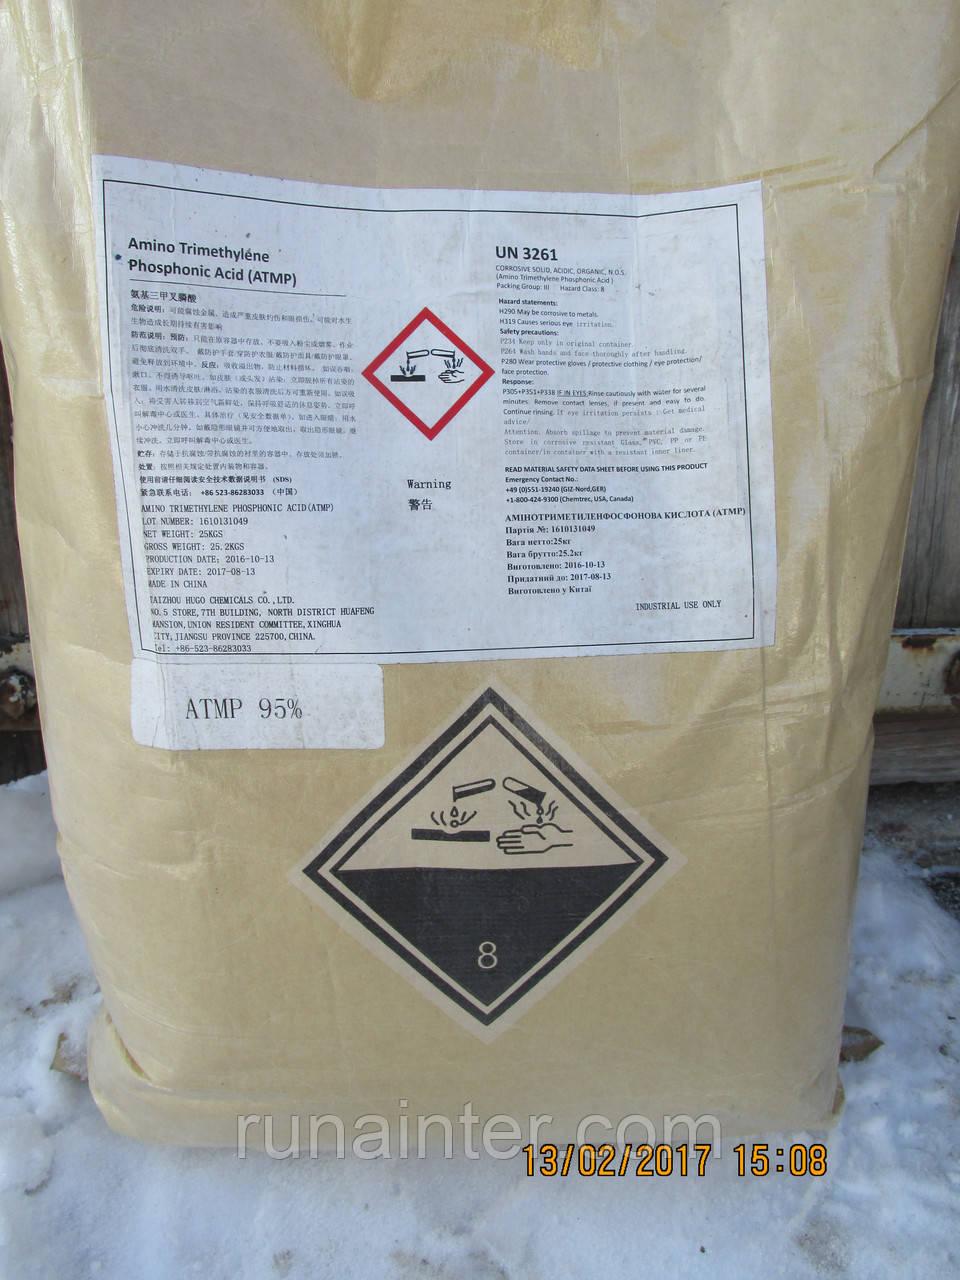 Аминотриметиленфосфоновая кислота, нитрилотриметиленфосфоновая кислота, НТФ